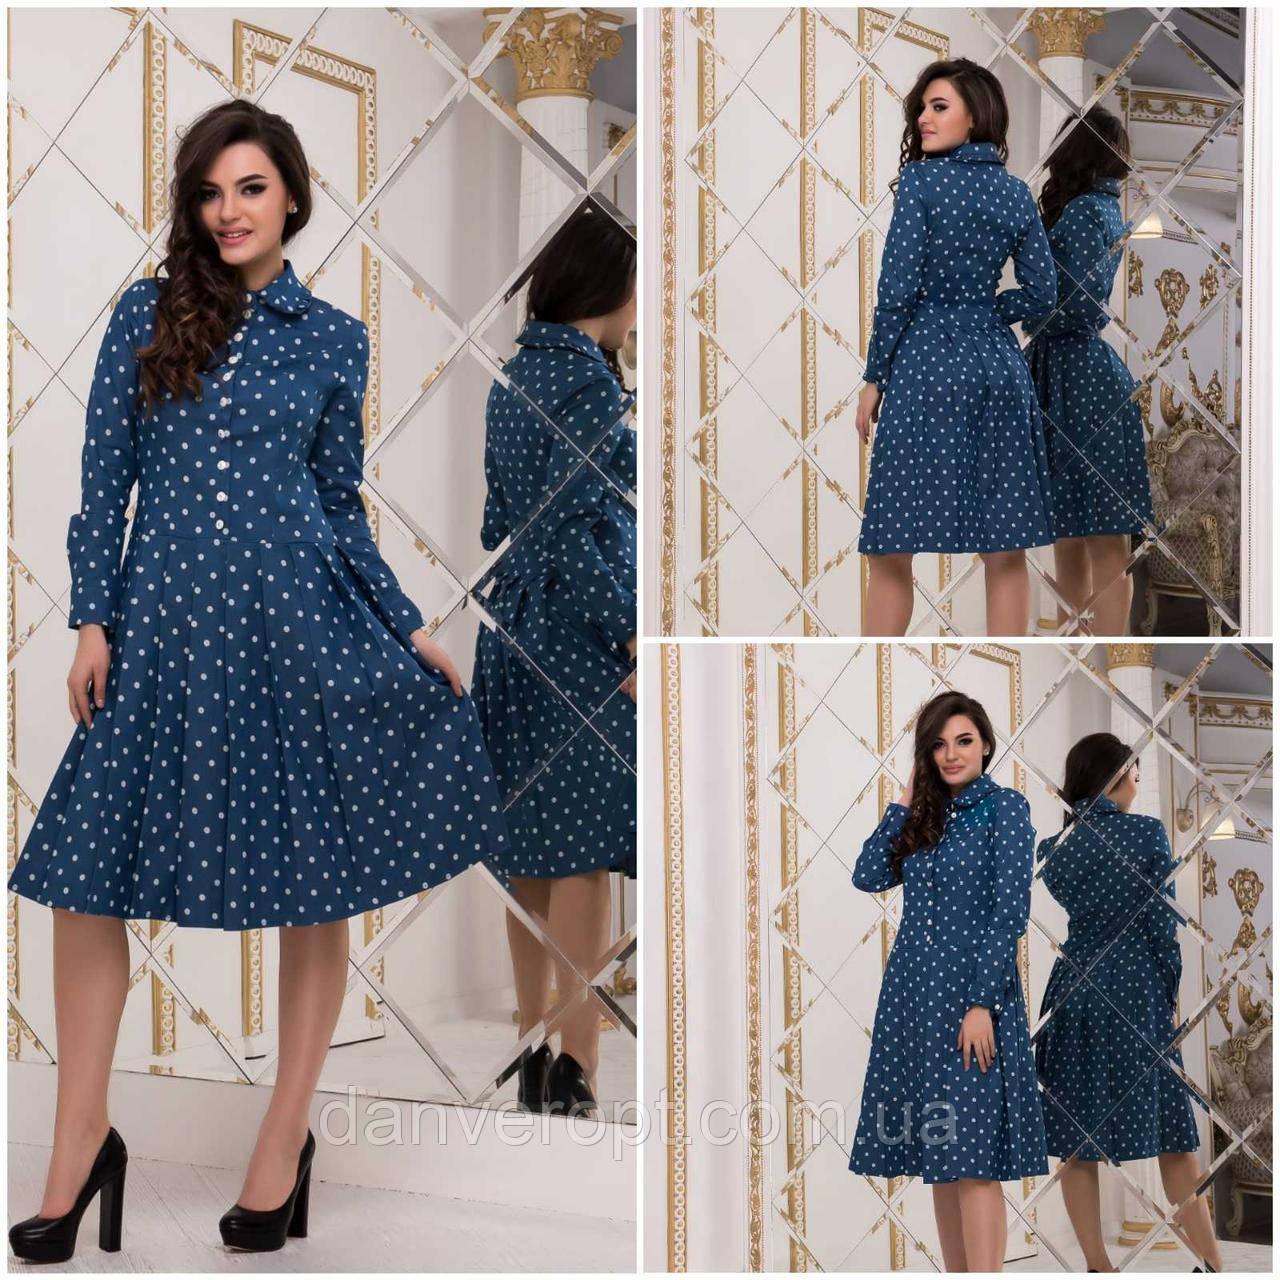 Платье-харатик женское модное стильное размер M-L купить оптом со склада 7км Одесса